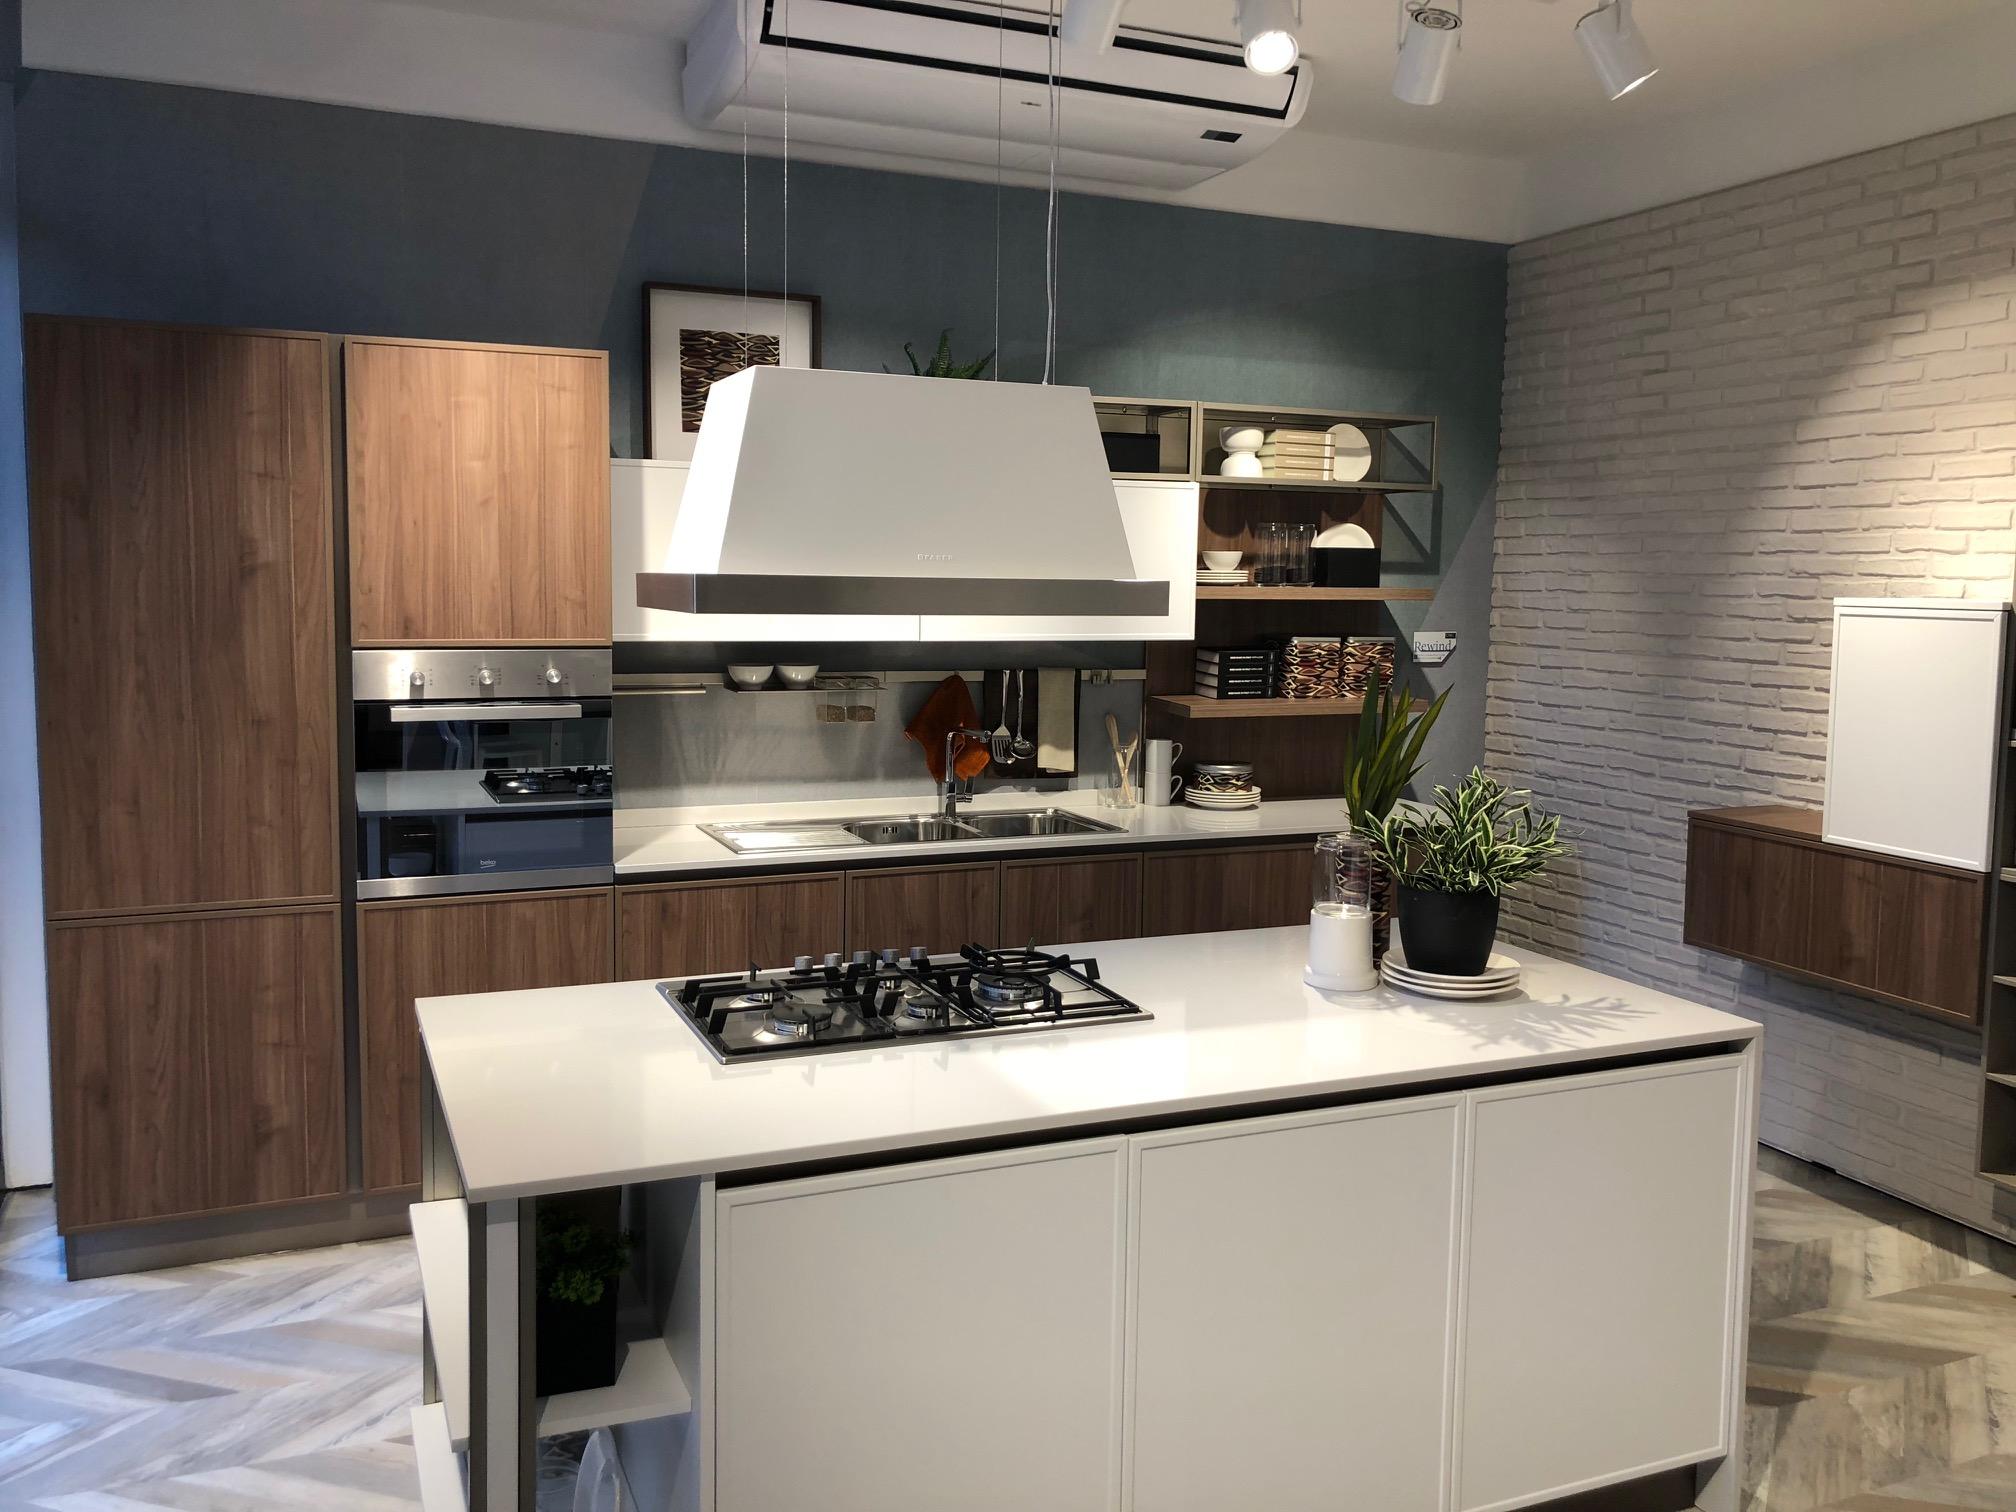 Il Gruppo LUBE inaugura un nuovo Store CREO a Firenze - Creo Kitchens